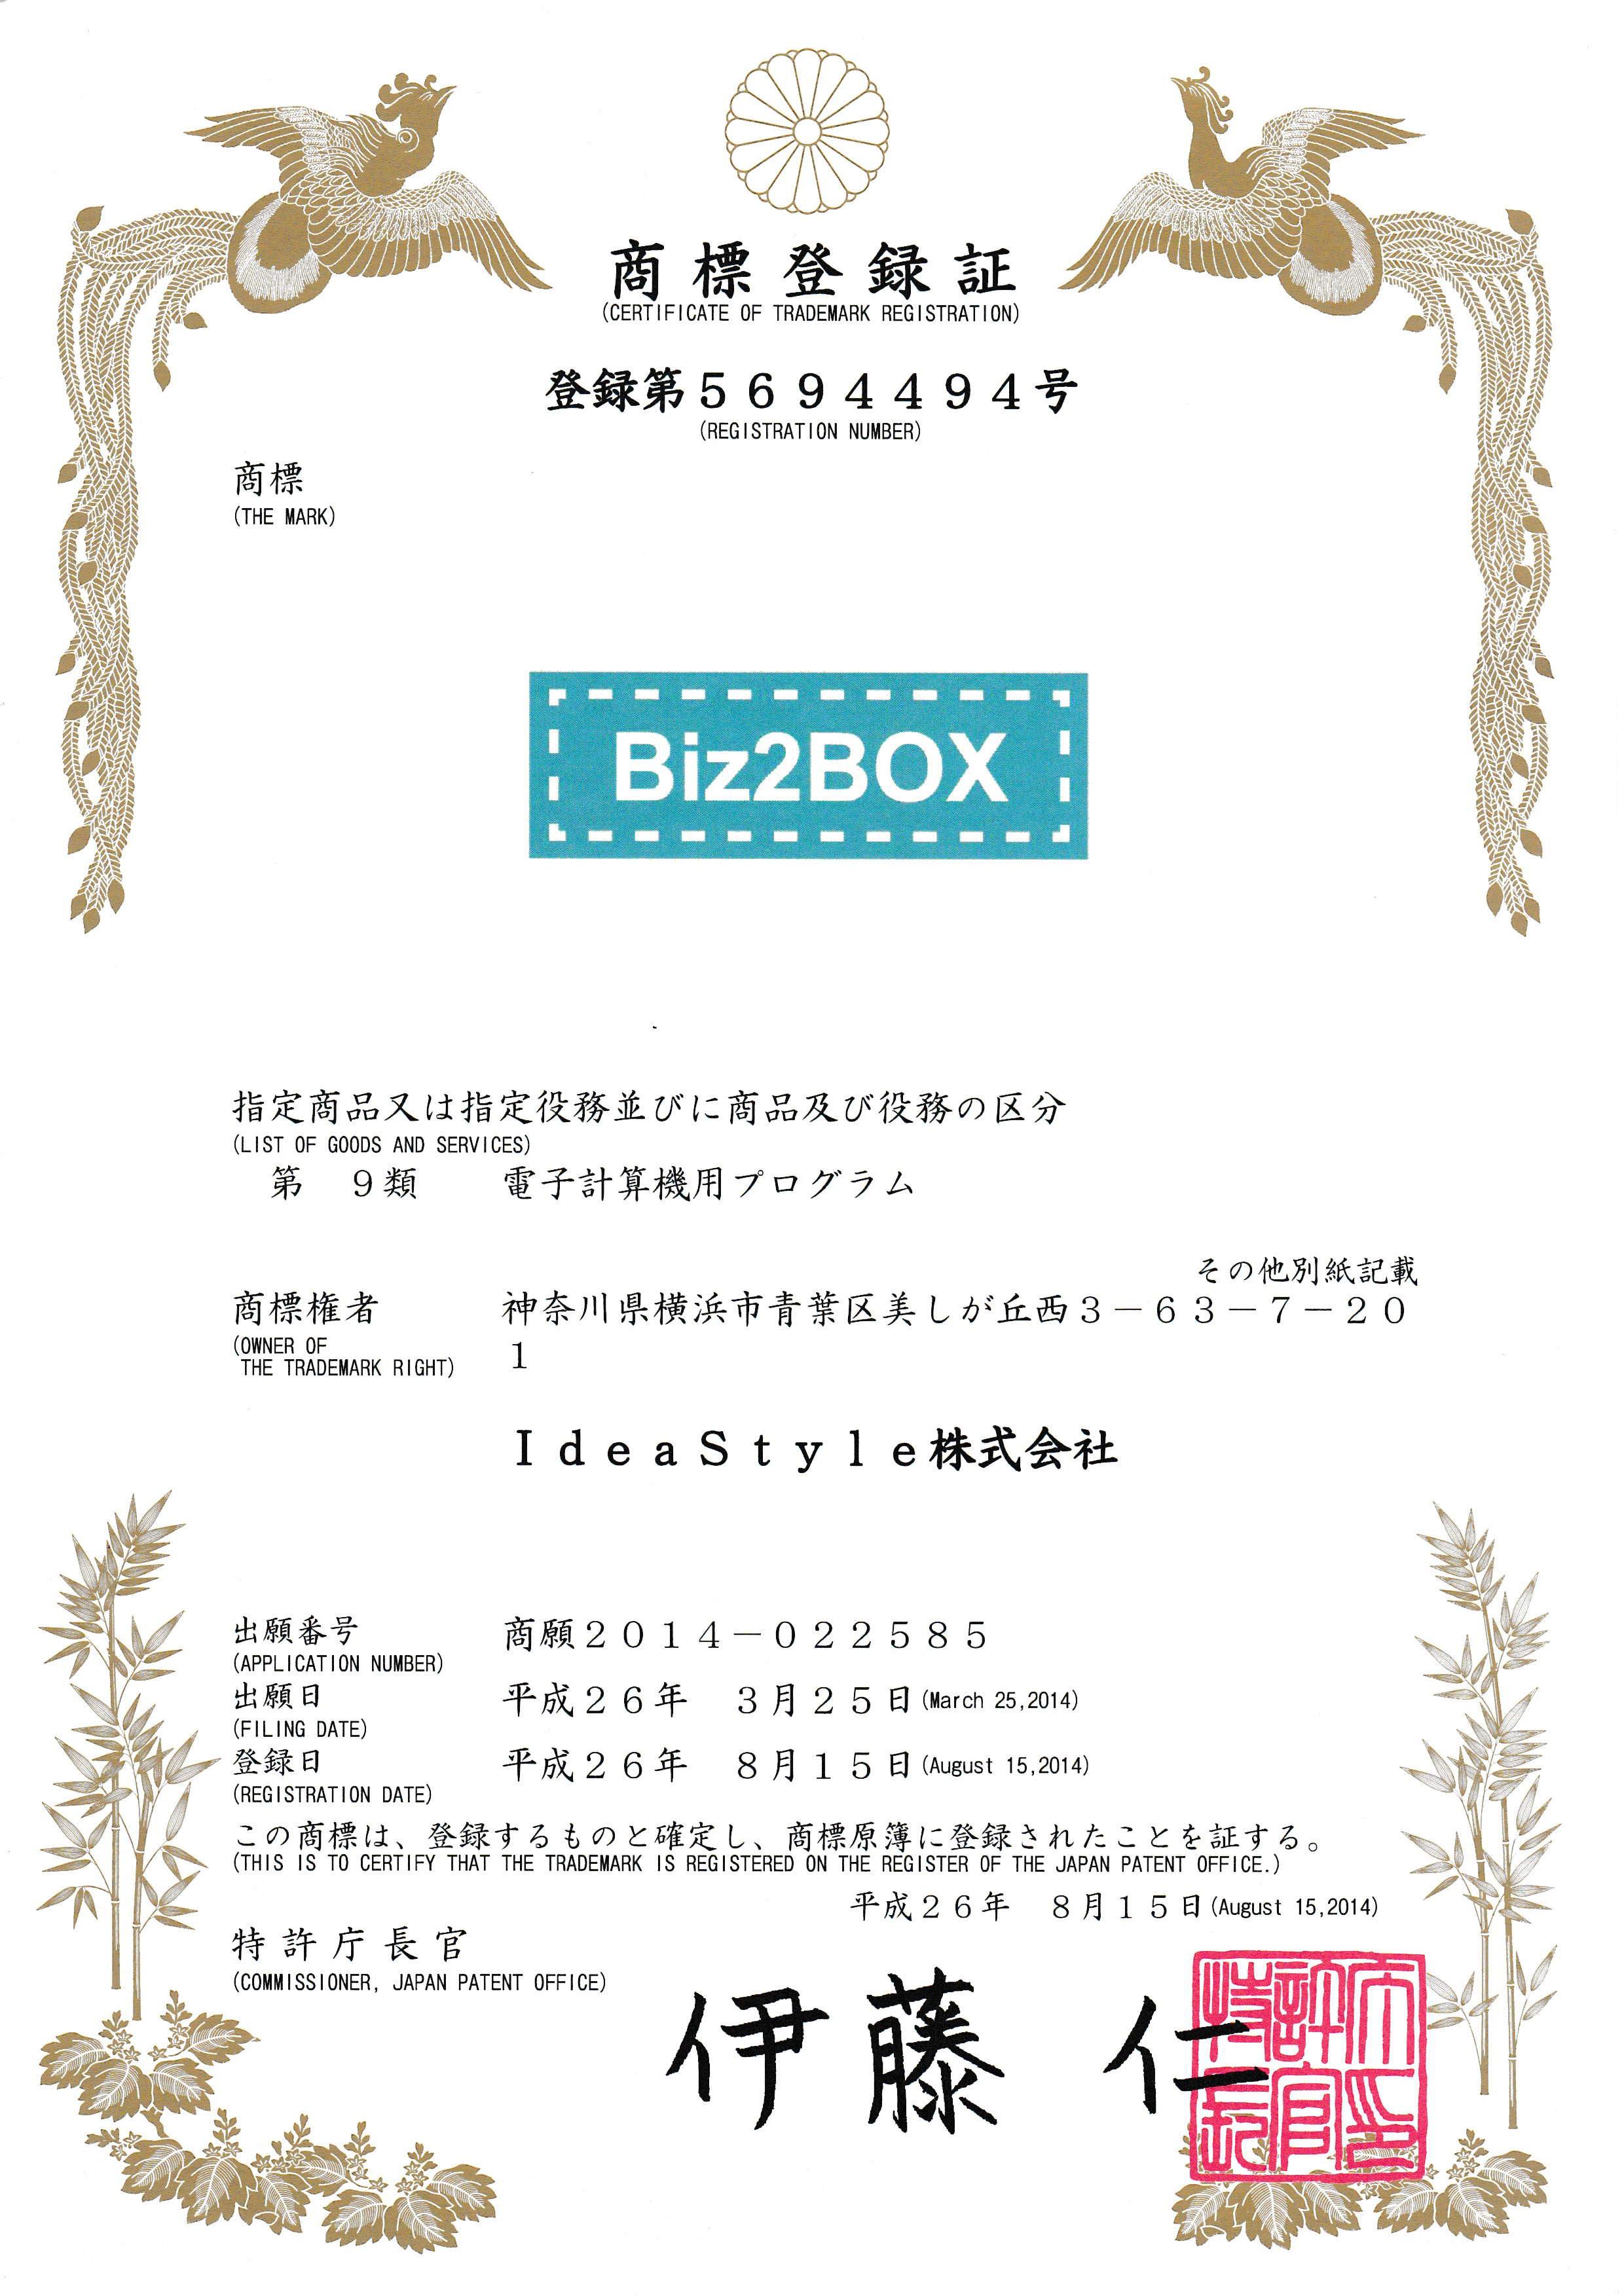 商標登録証「Biz2BOX」